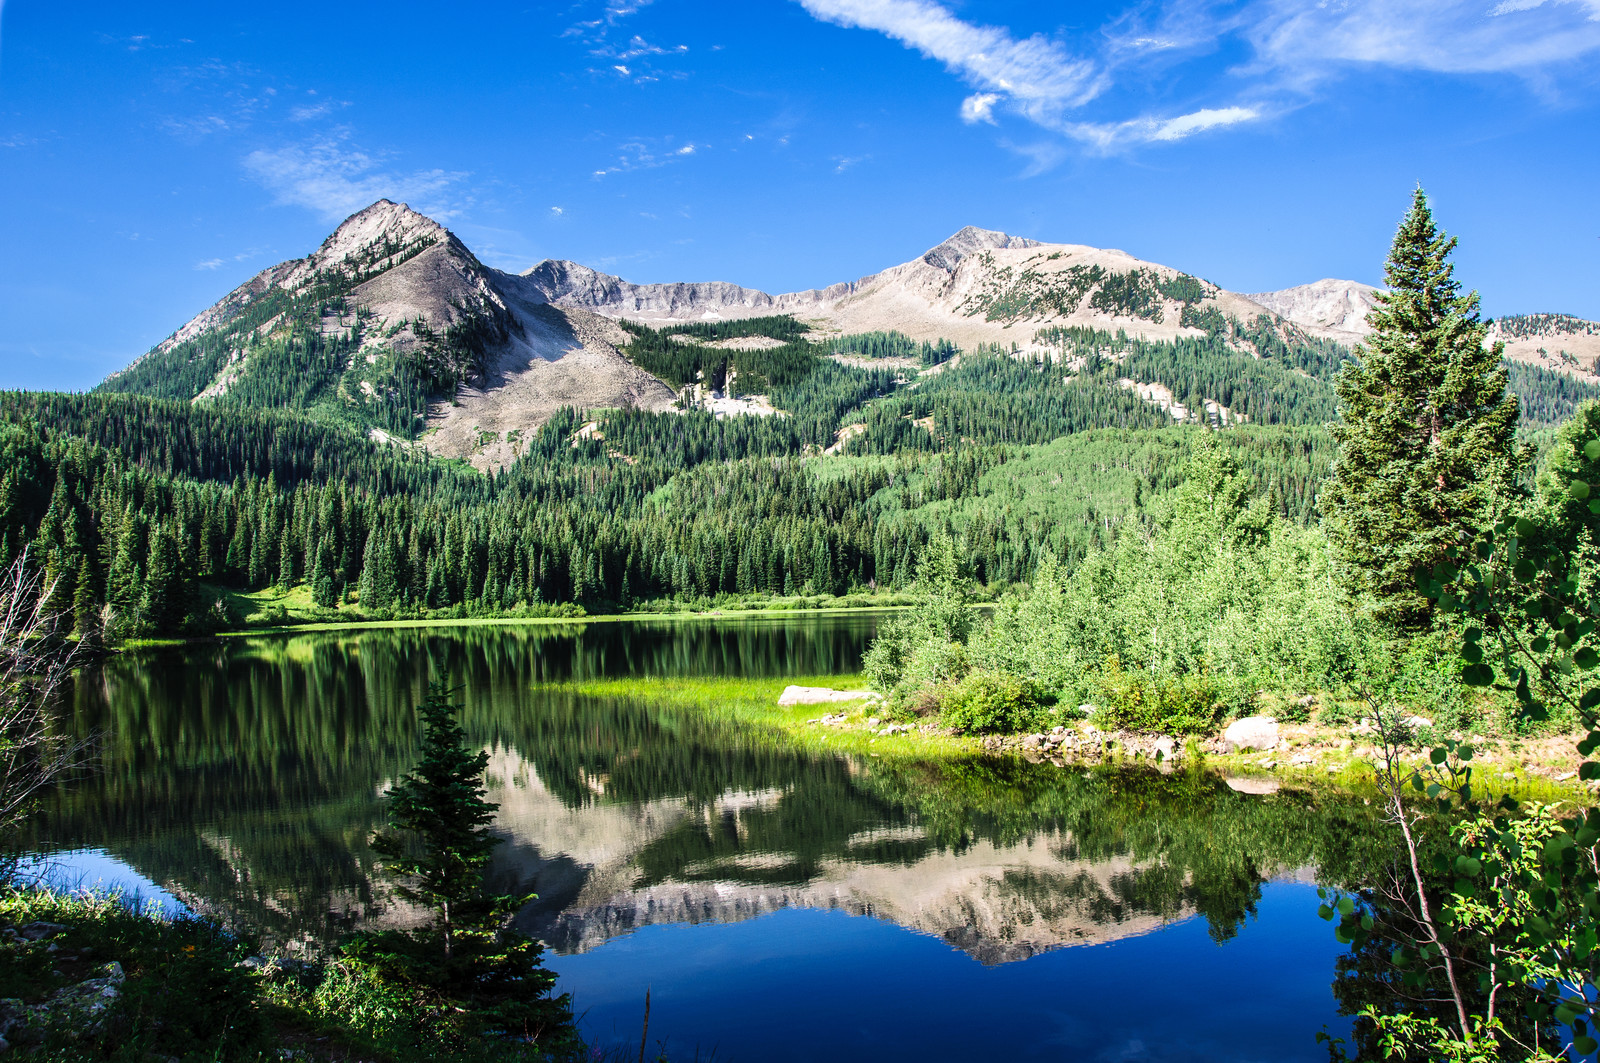 Family Friendly Camping Areas In Colorado, camping in colorado, camp sites in colorado, colorado camping, where to camp in Colorado, camping with kids in colorado